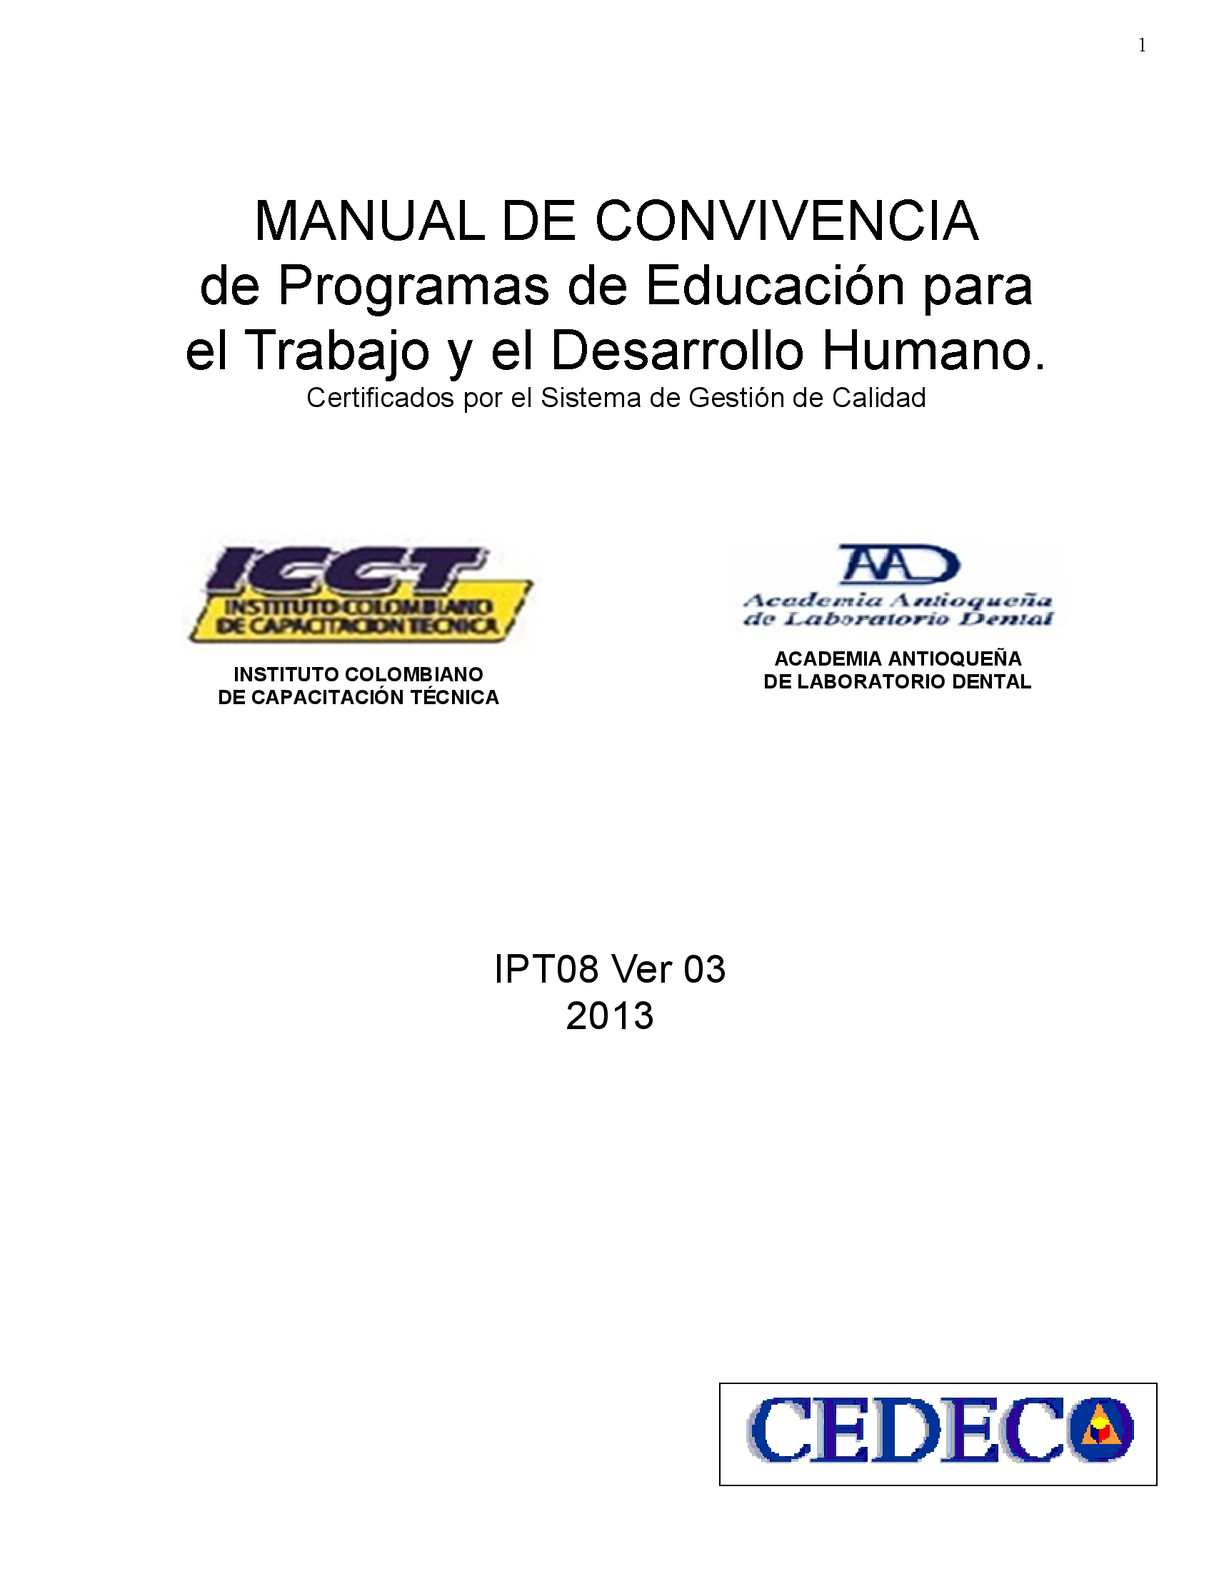 Calaméo - manual de convivencia ICCT 2013